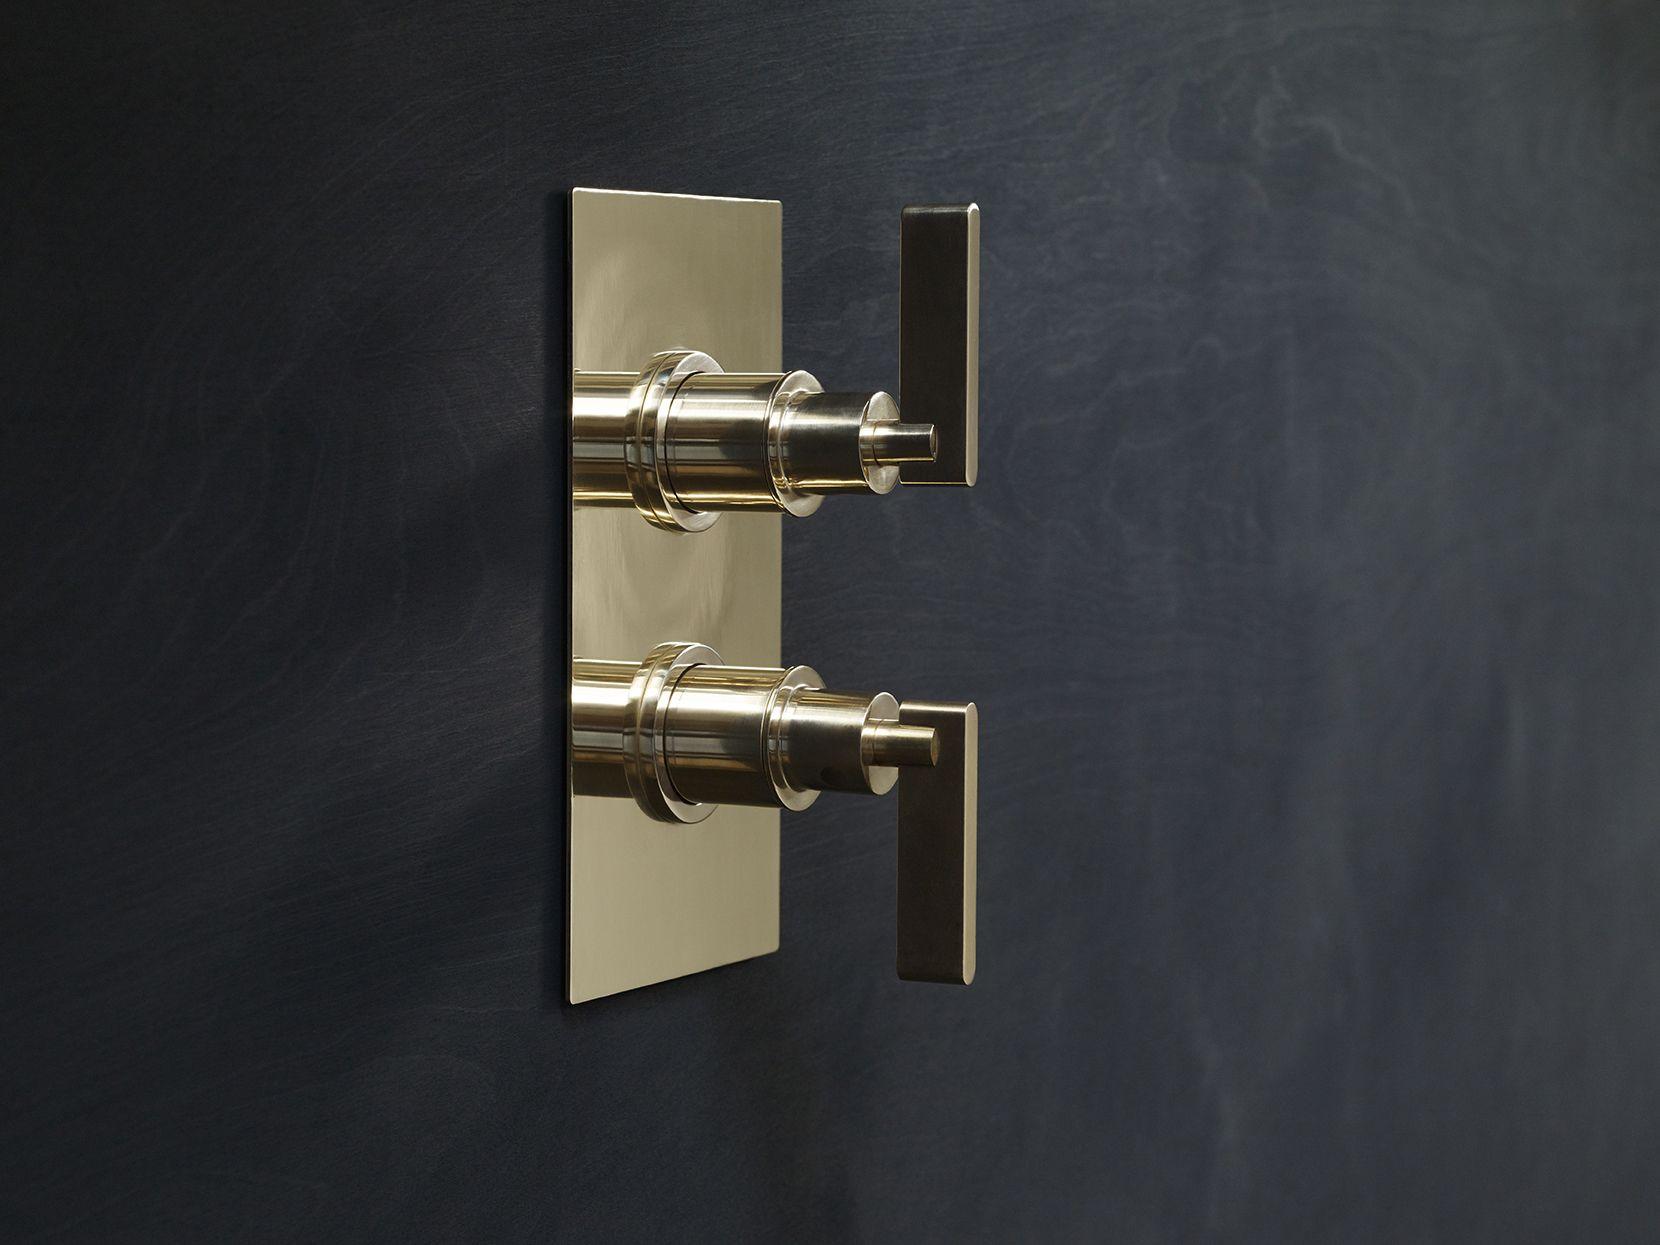 Shower Thermostat Shower diverter, Master shower